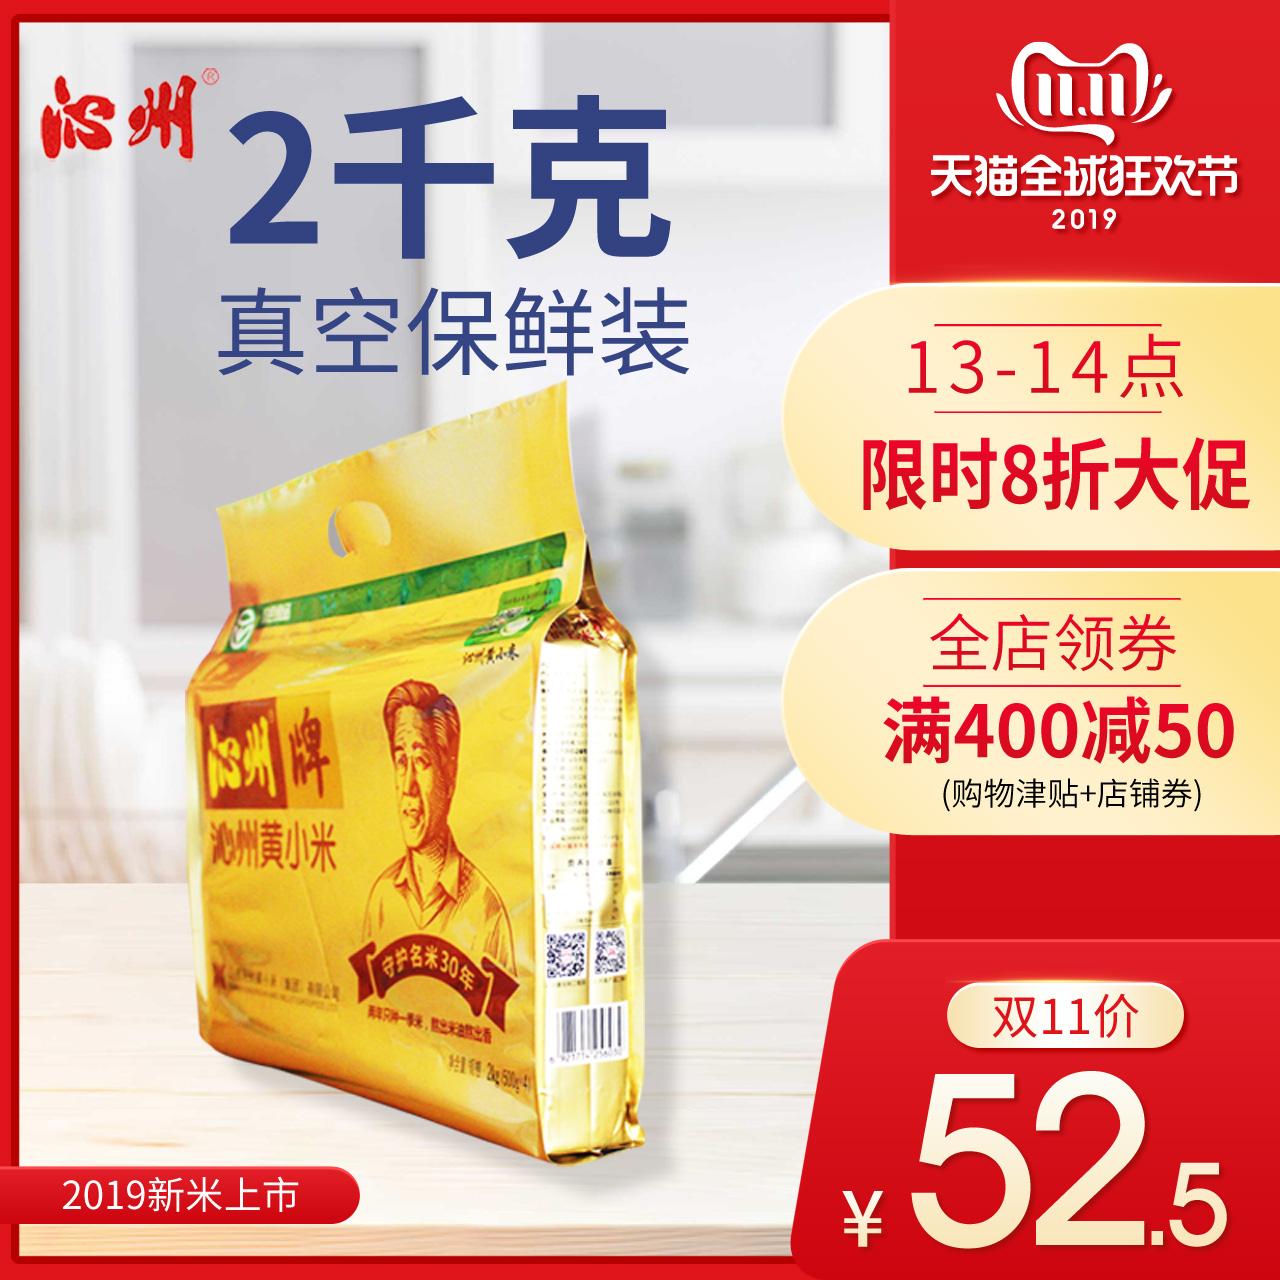 黄小米 山西沁州黄小米集团2019新小黄米2千克真空粗粮 团购简装